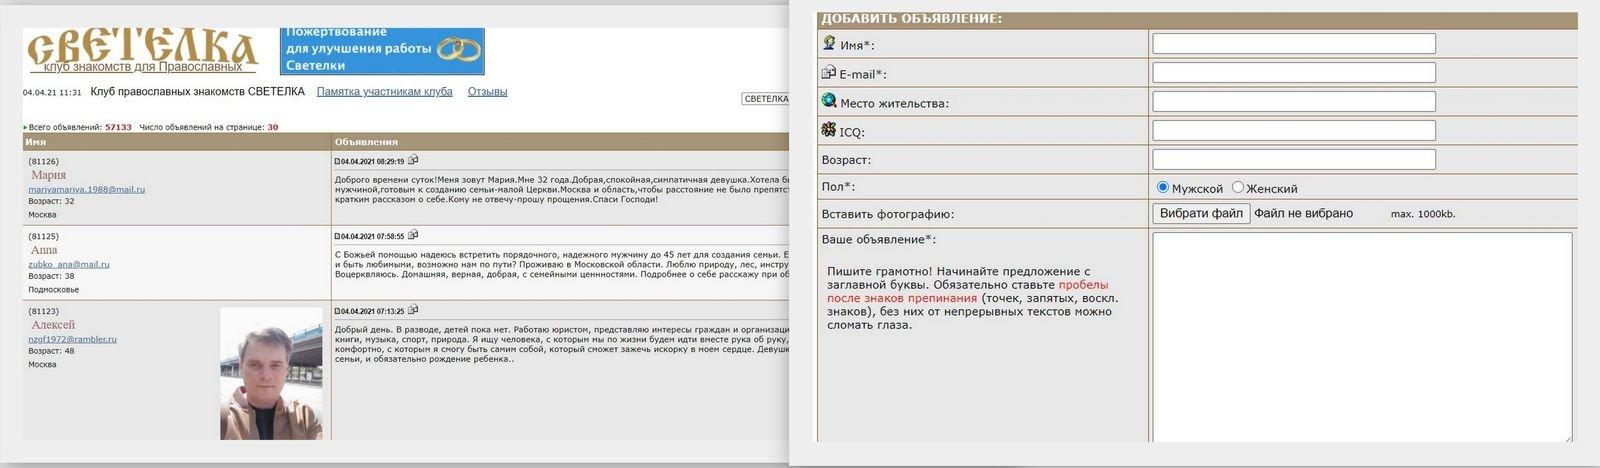 Сайт Светелка